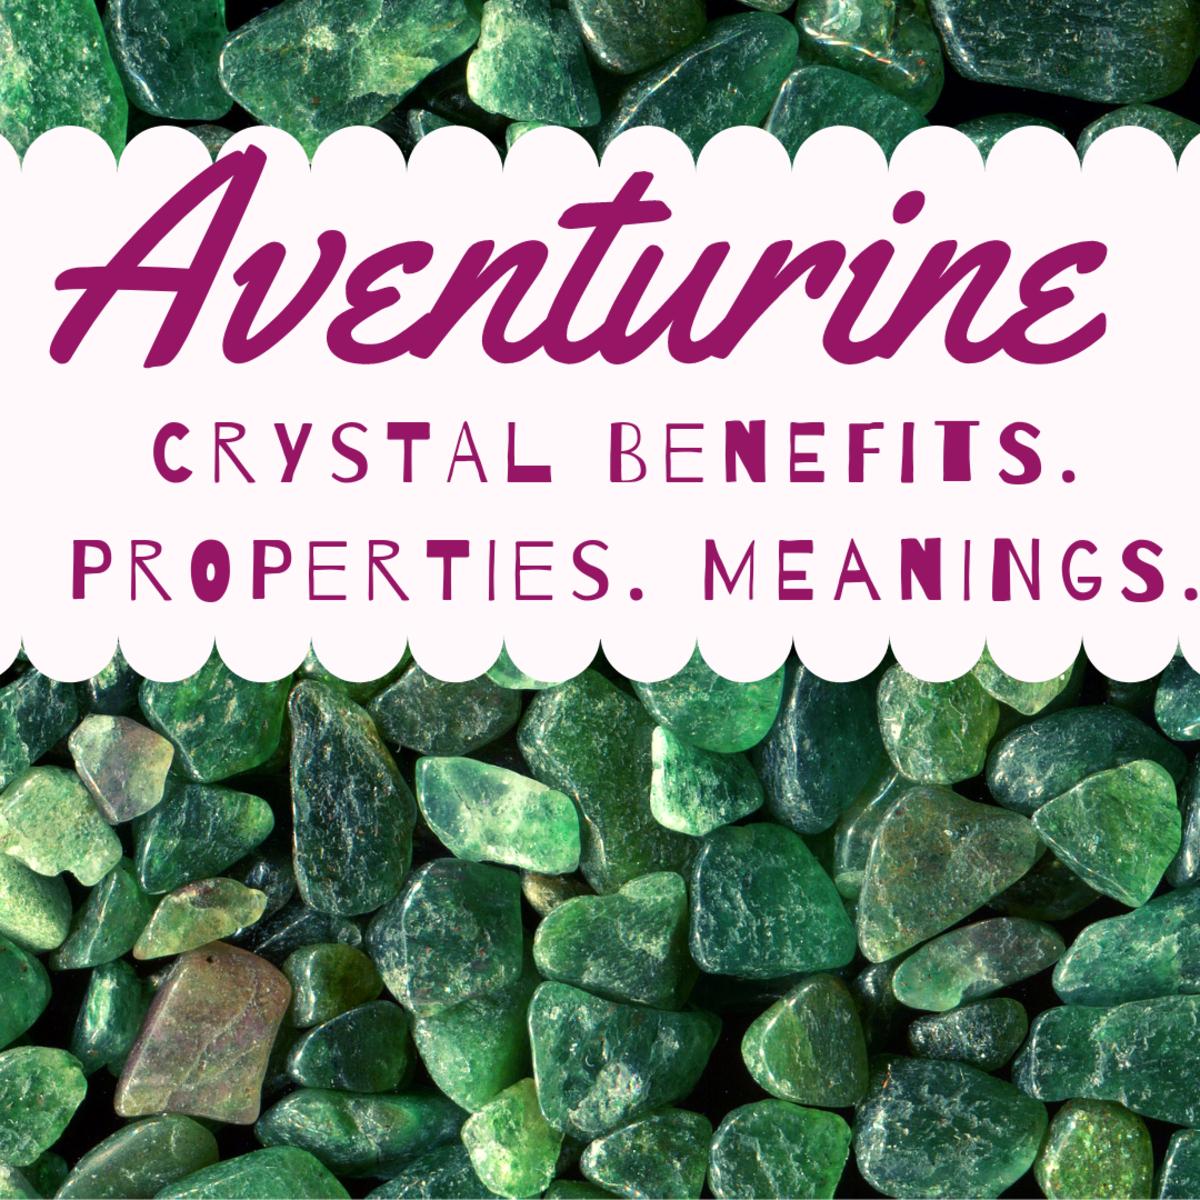 Aventurine crystal properties.